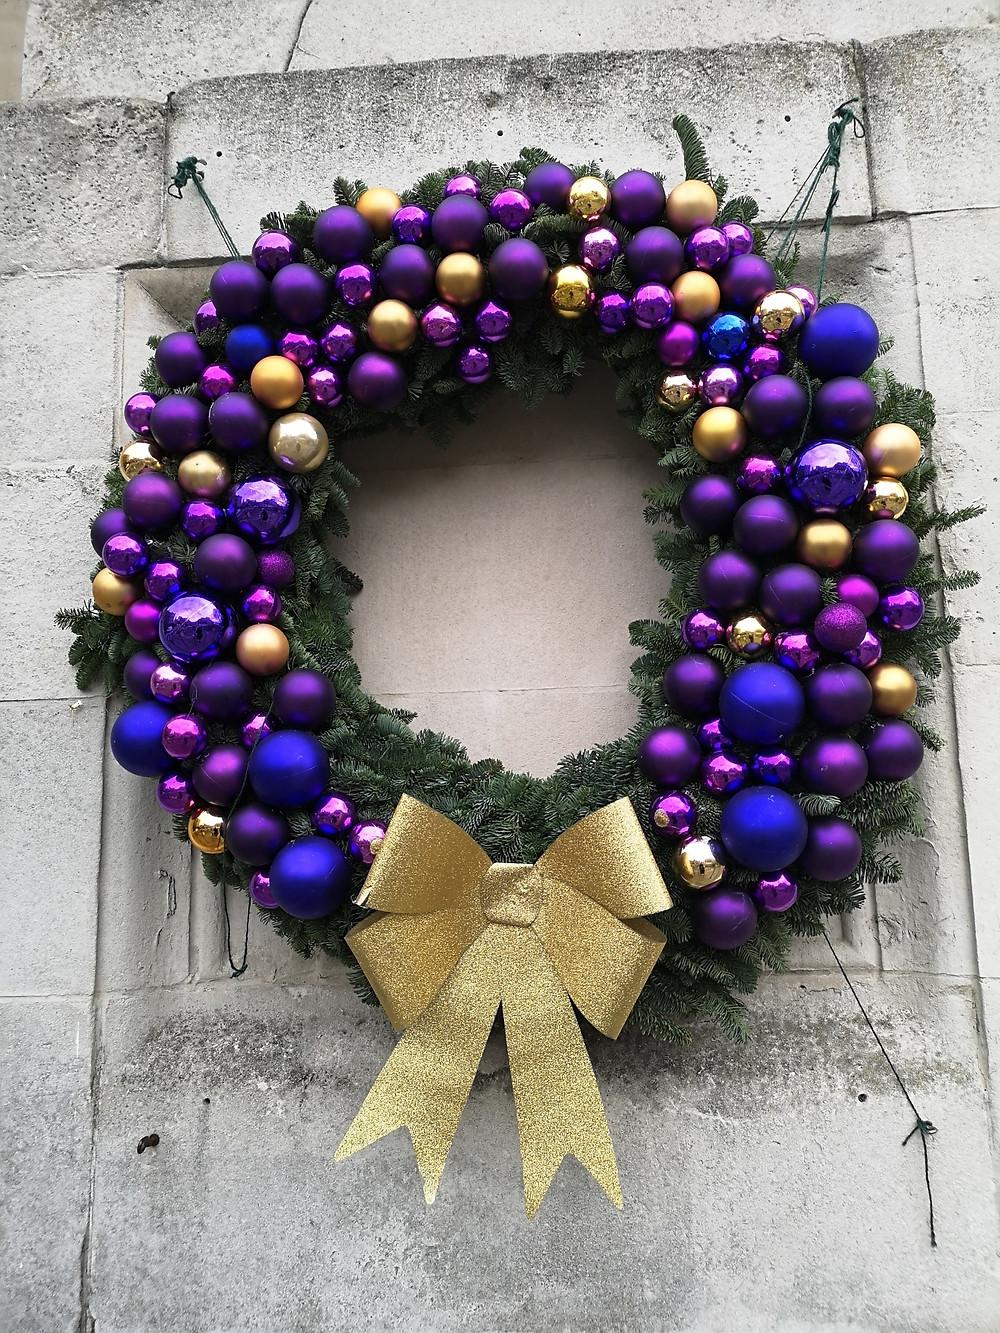 Christ Church Spitalfields Christmas wreath